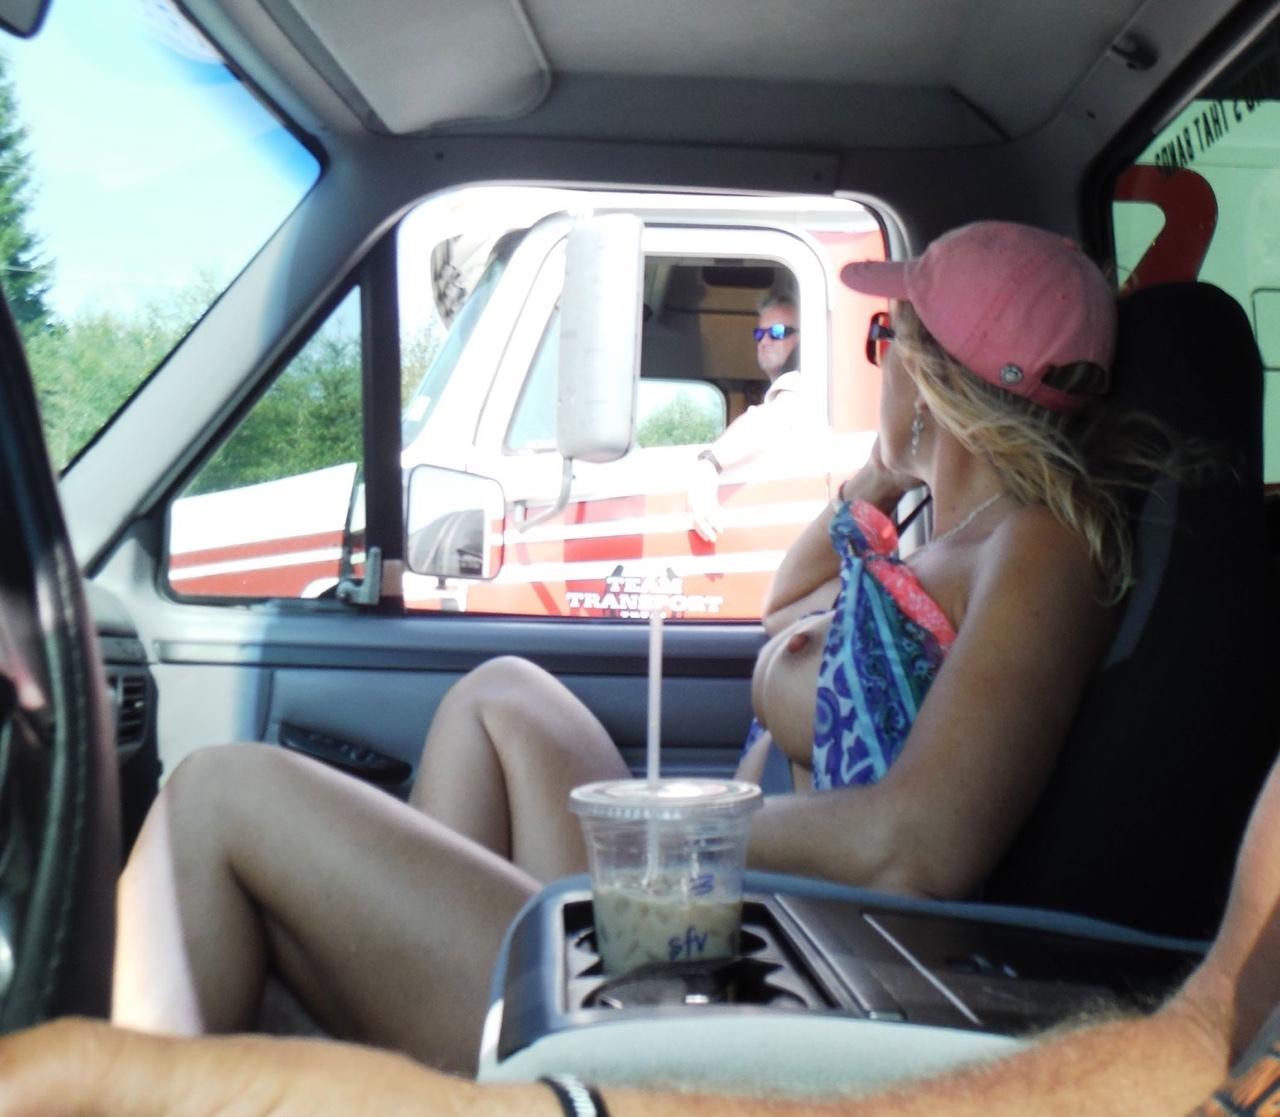 【事故多発】走行中に露出して横を走るトラックのドライバーに見せつけた結果wwwwwwwwwwww(画像あり)・27枚目